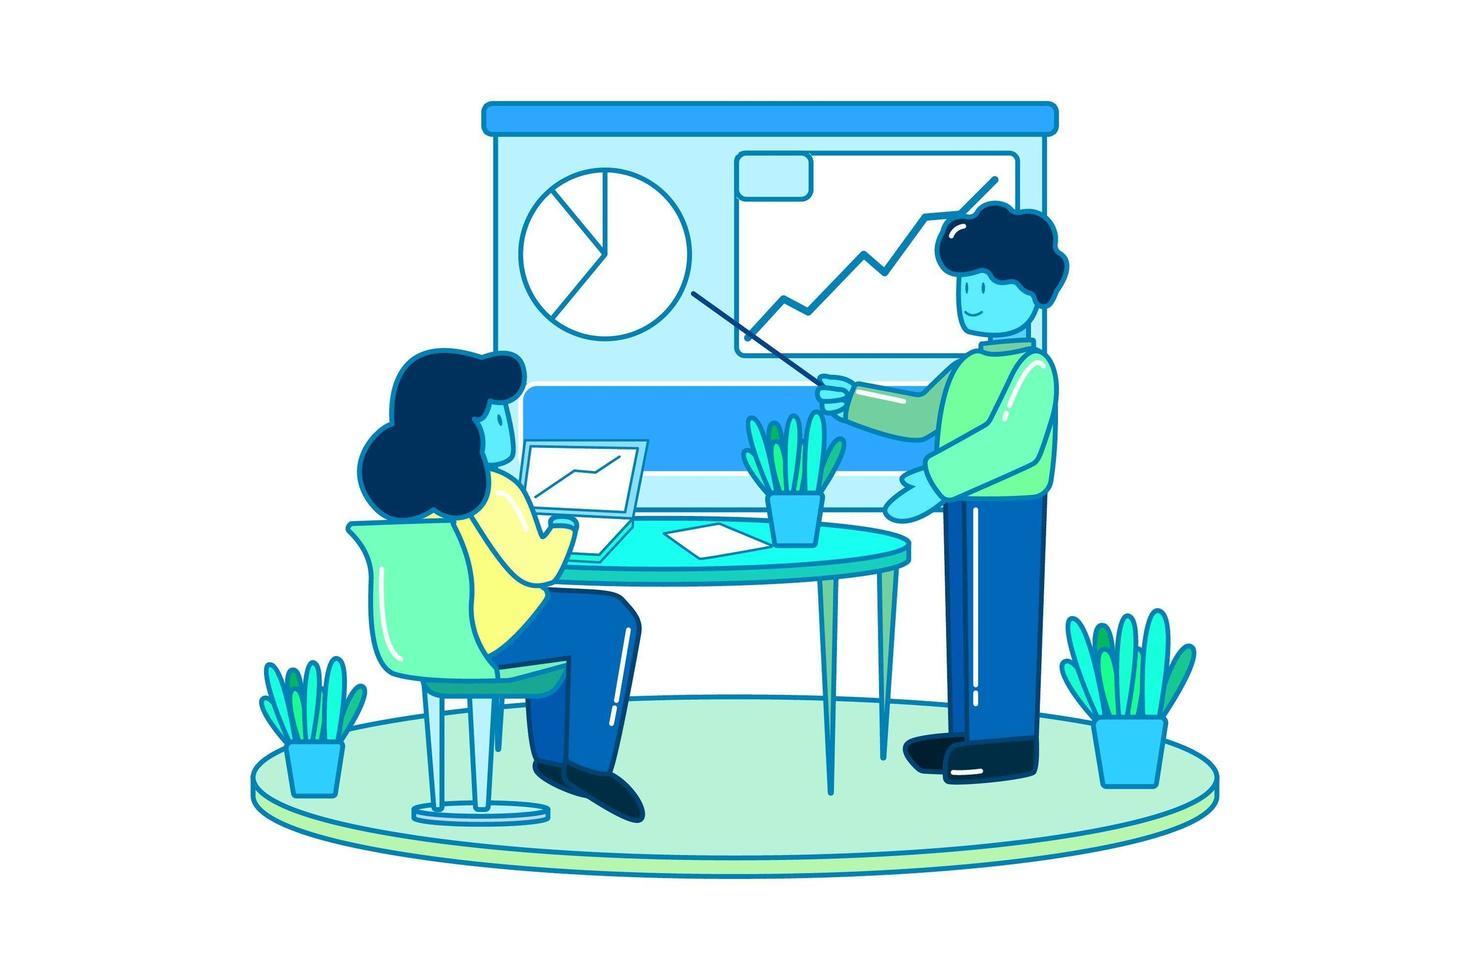 pianificazione aziendale e concetto di analista vettore